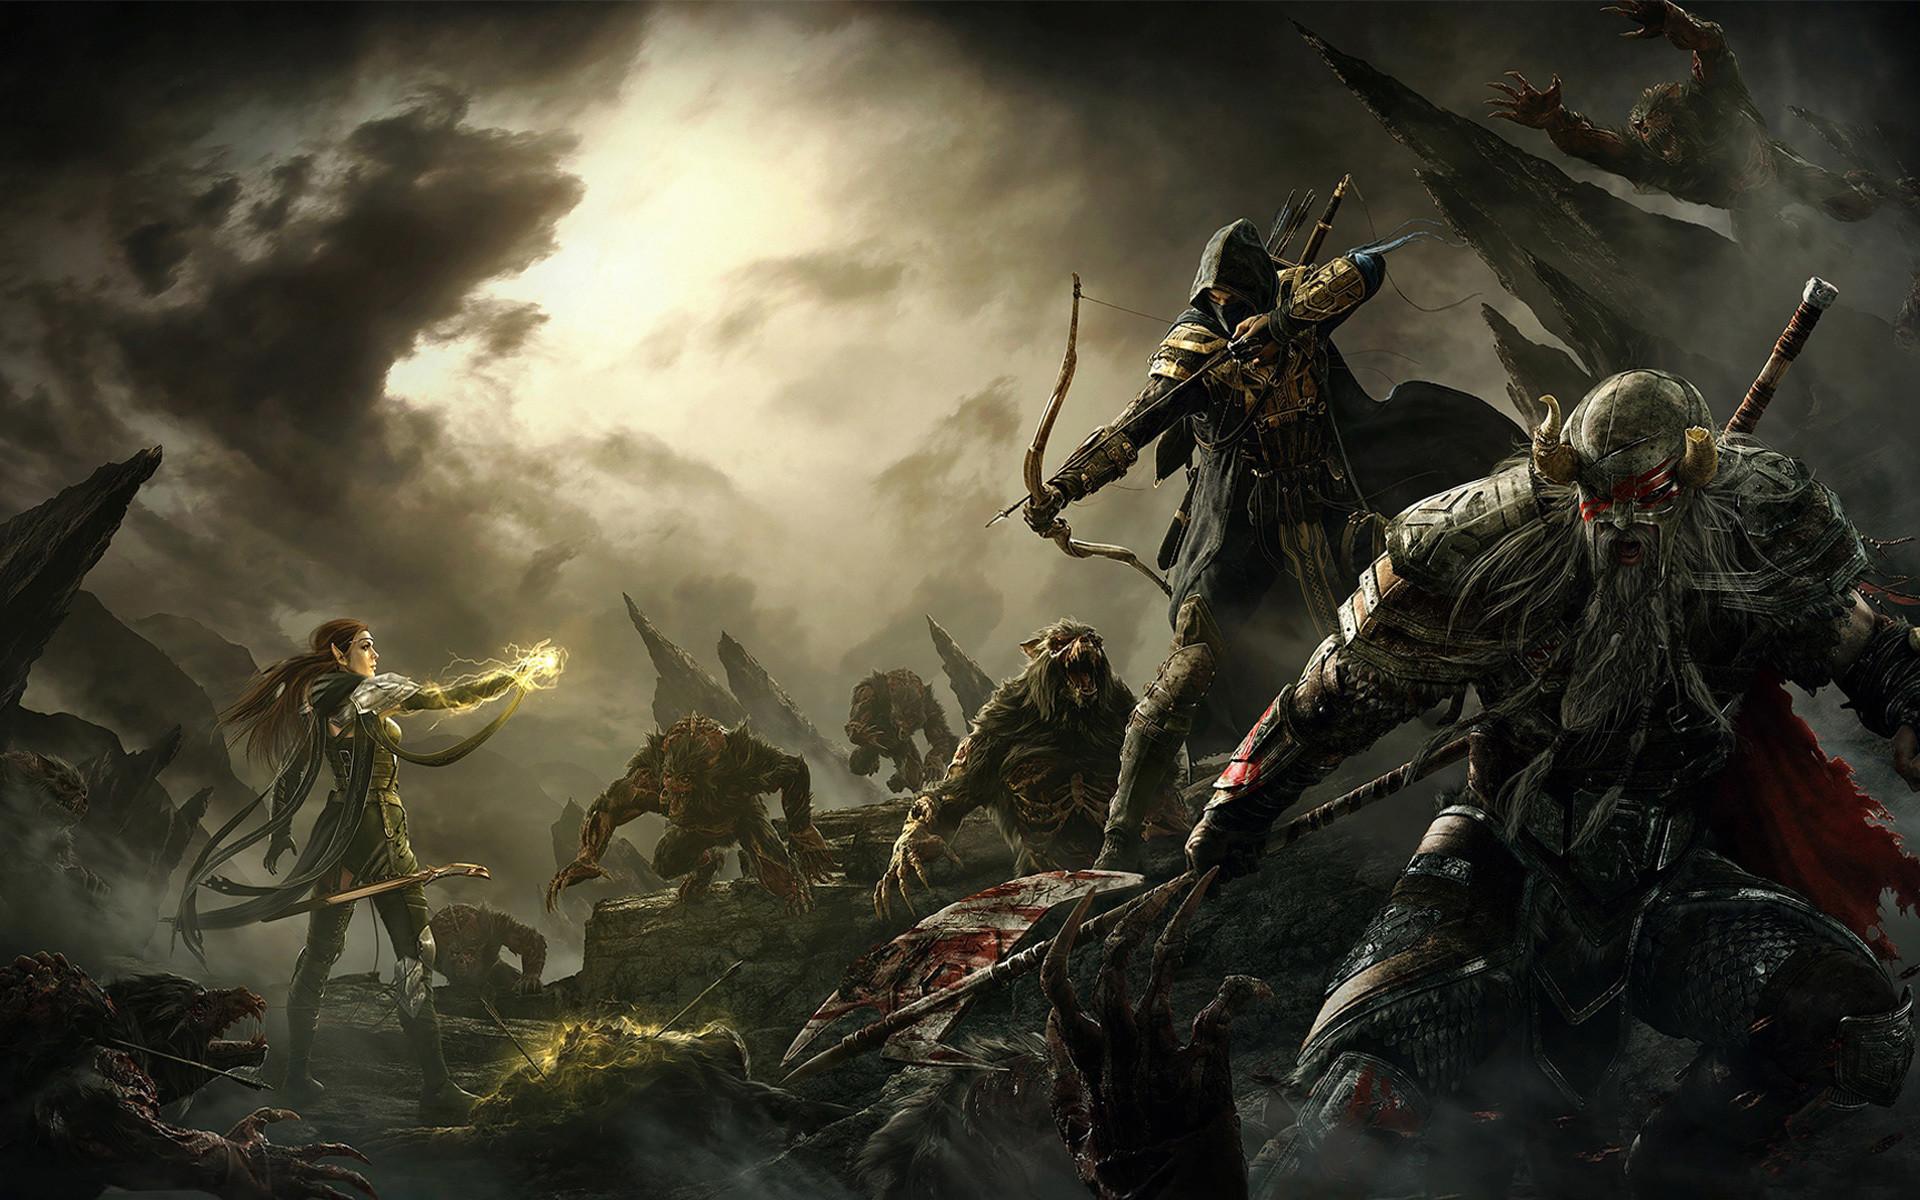 Elder Scrolls V Skyrim Warriors Archer Men Monster Armor Game Fantasy  battle magic wallpaper background   Video Games   Pinterest   Armor games,  …